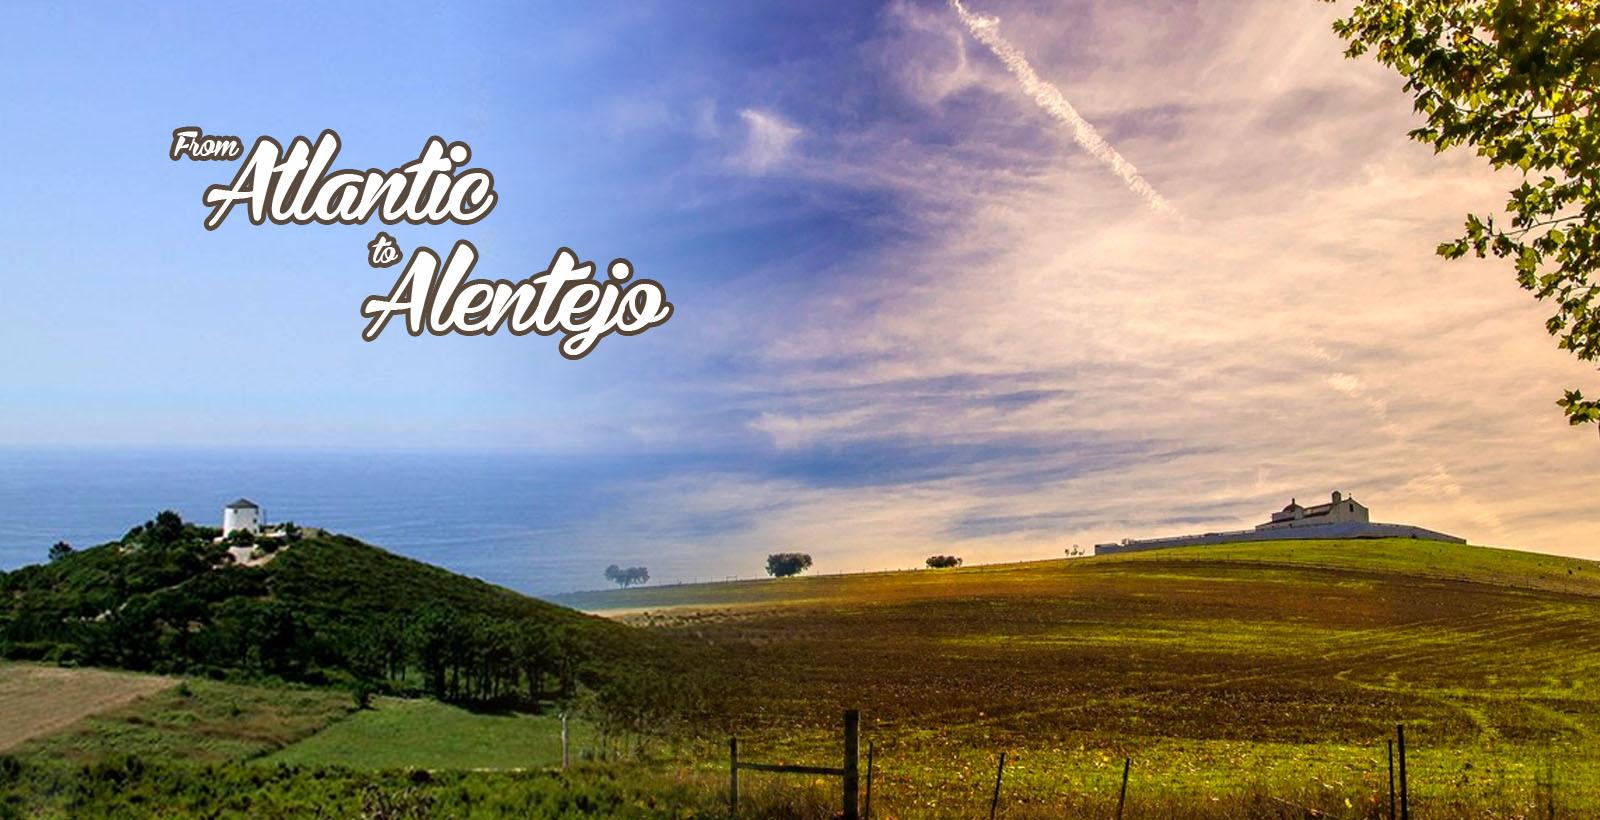 From Atlantic to Alentejo